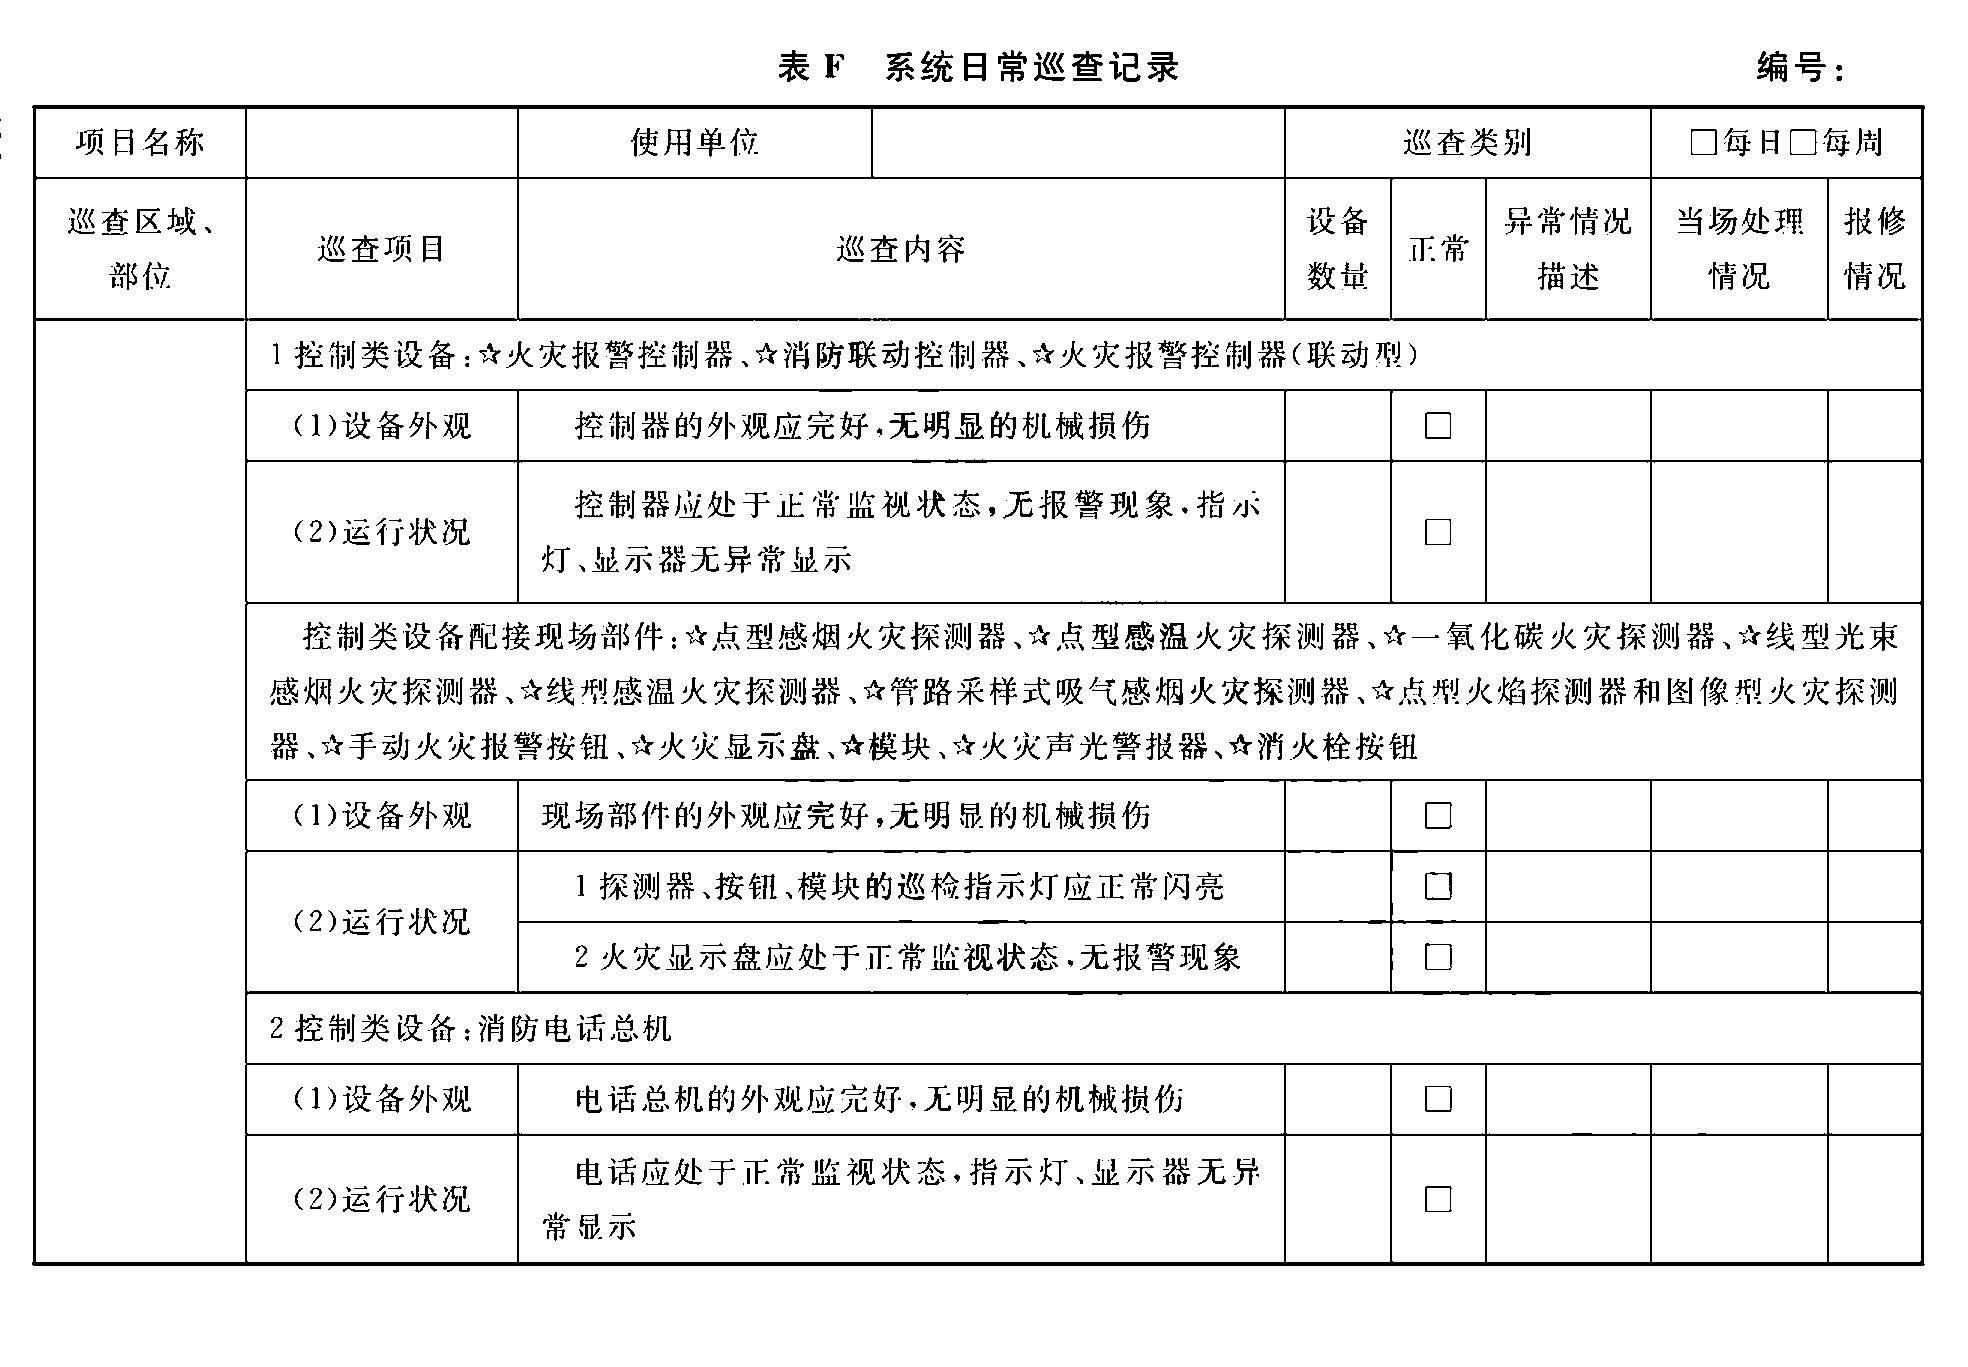 表F 系统日常巡检记录